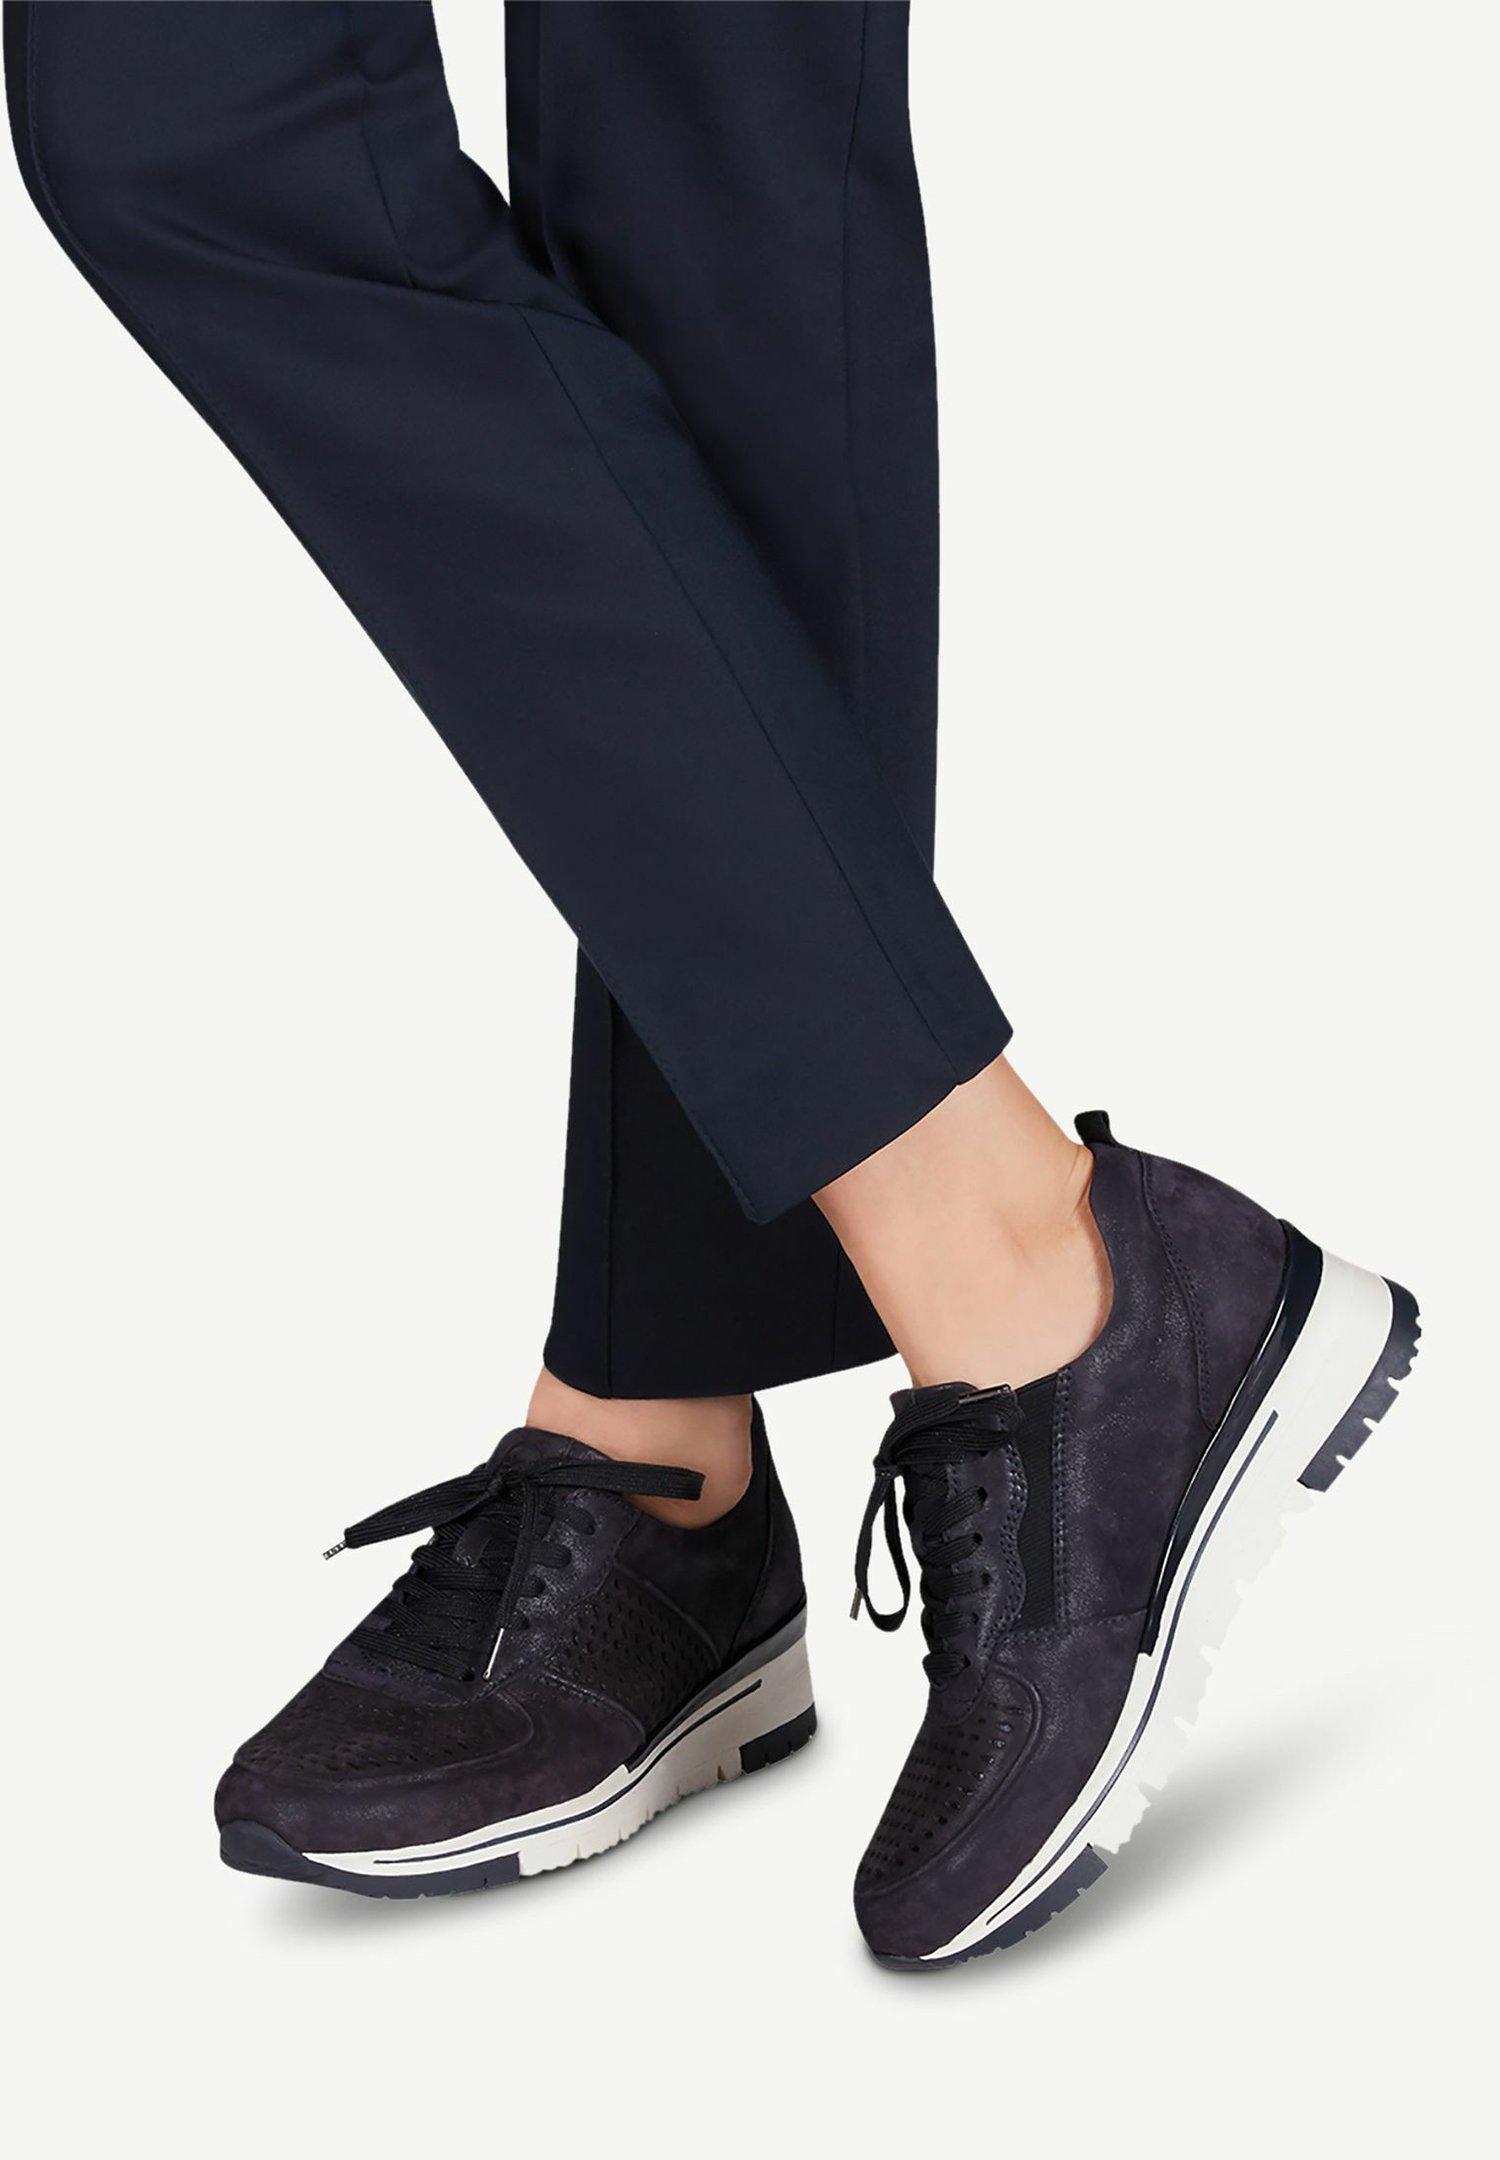 Sneakers navy peapunch